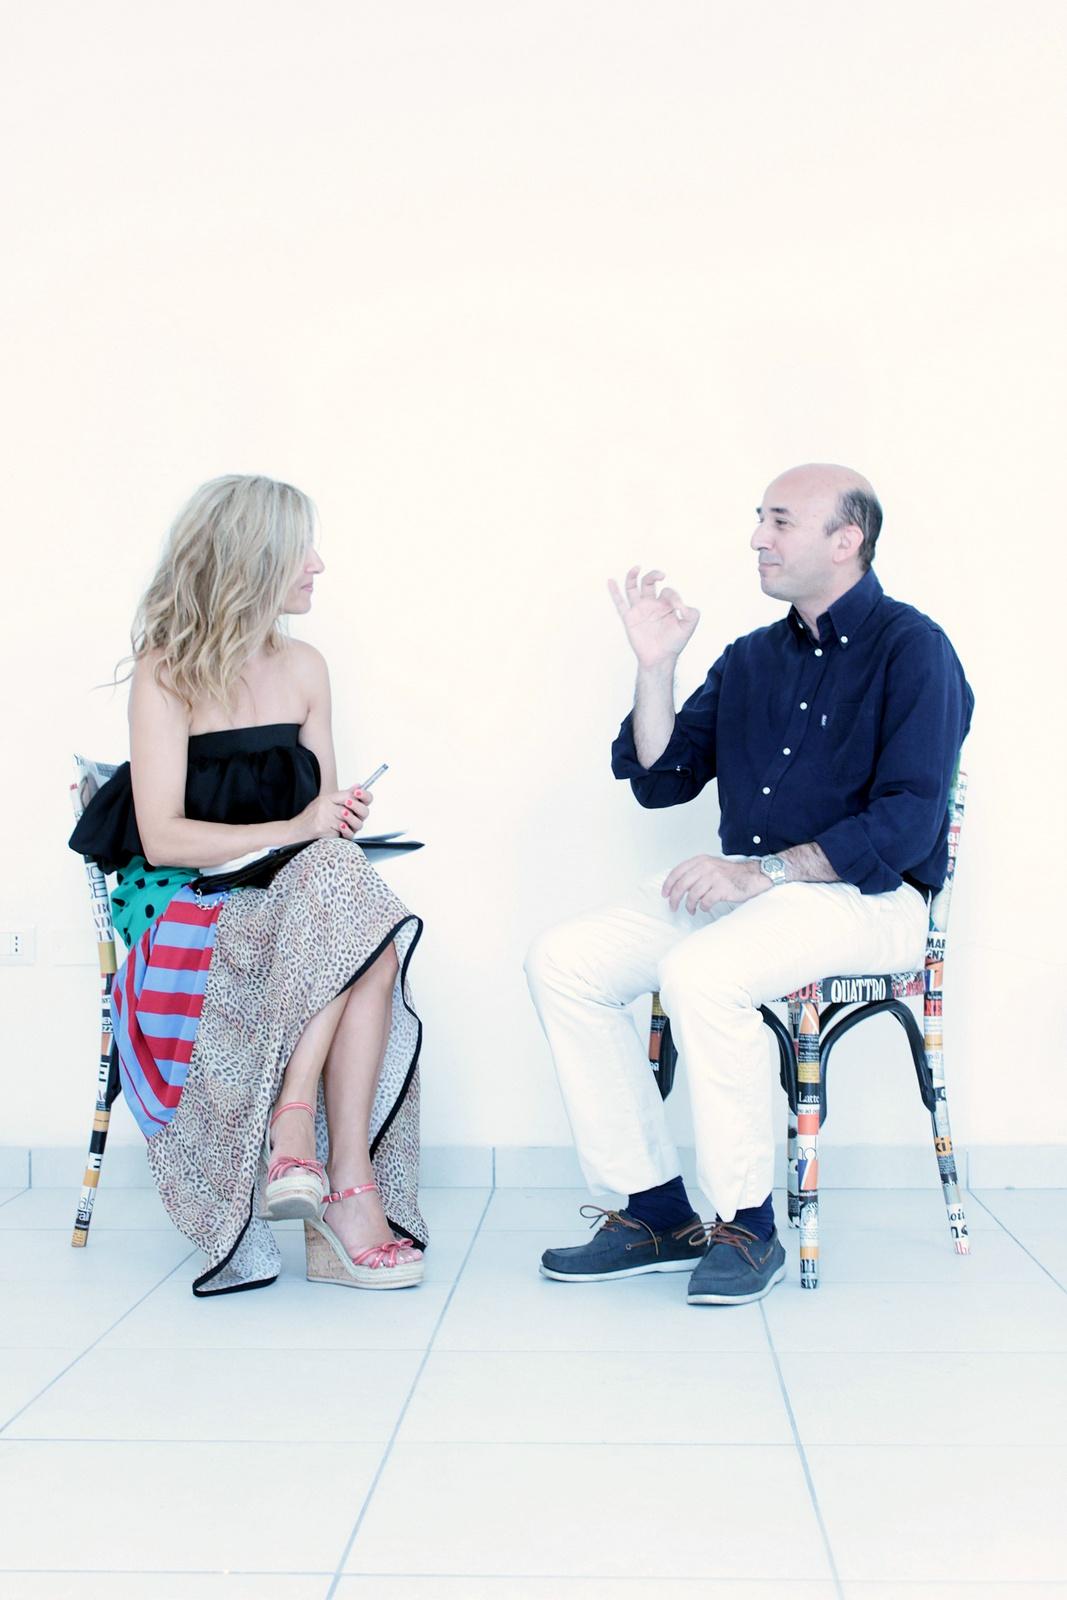 intervista (3)